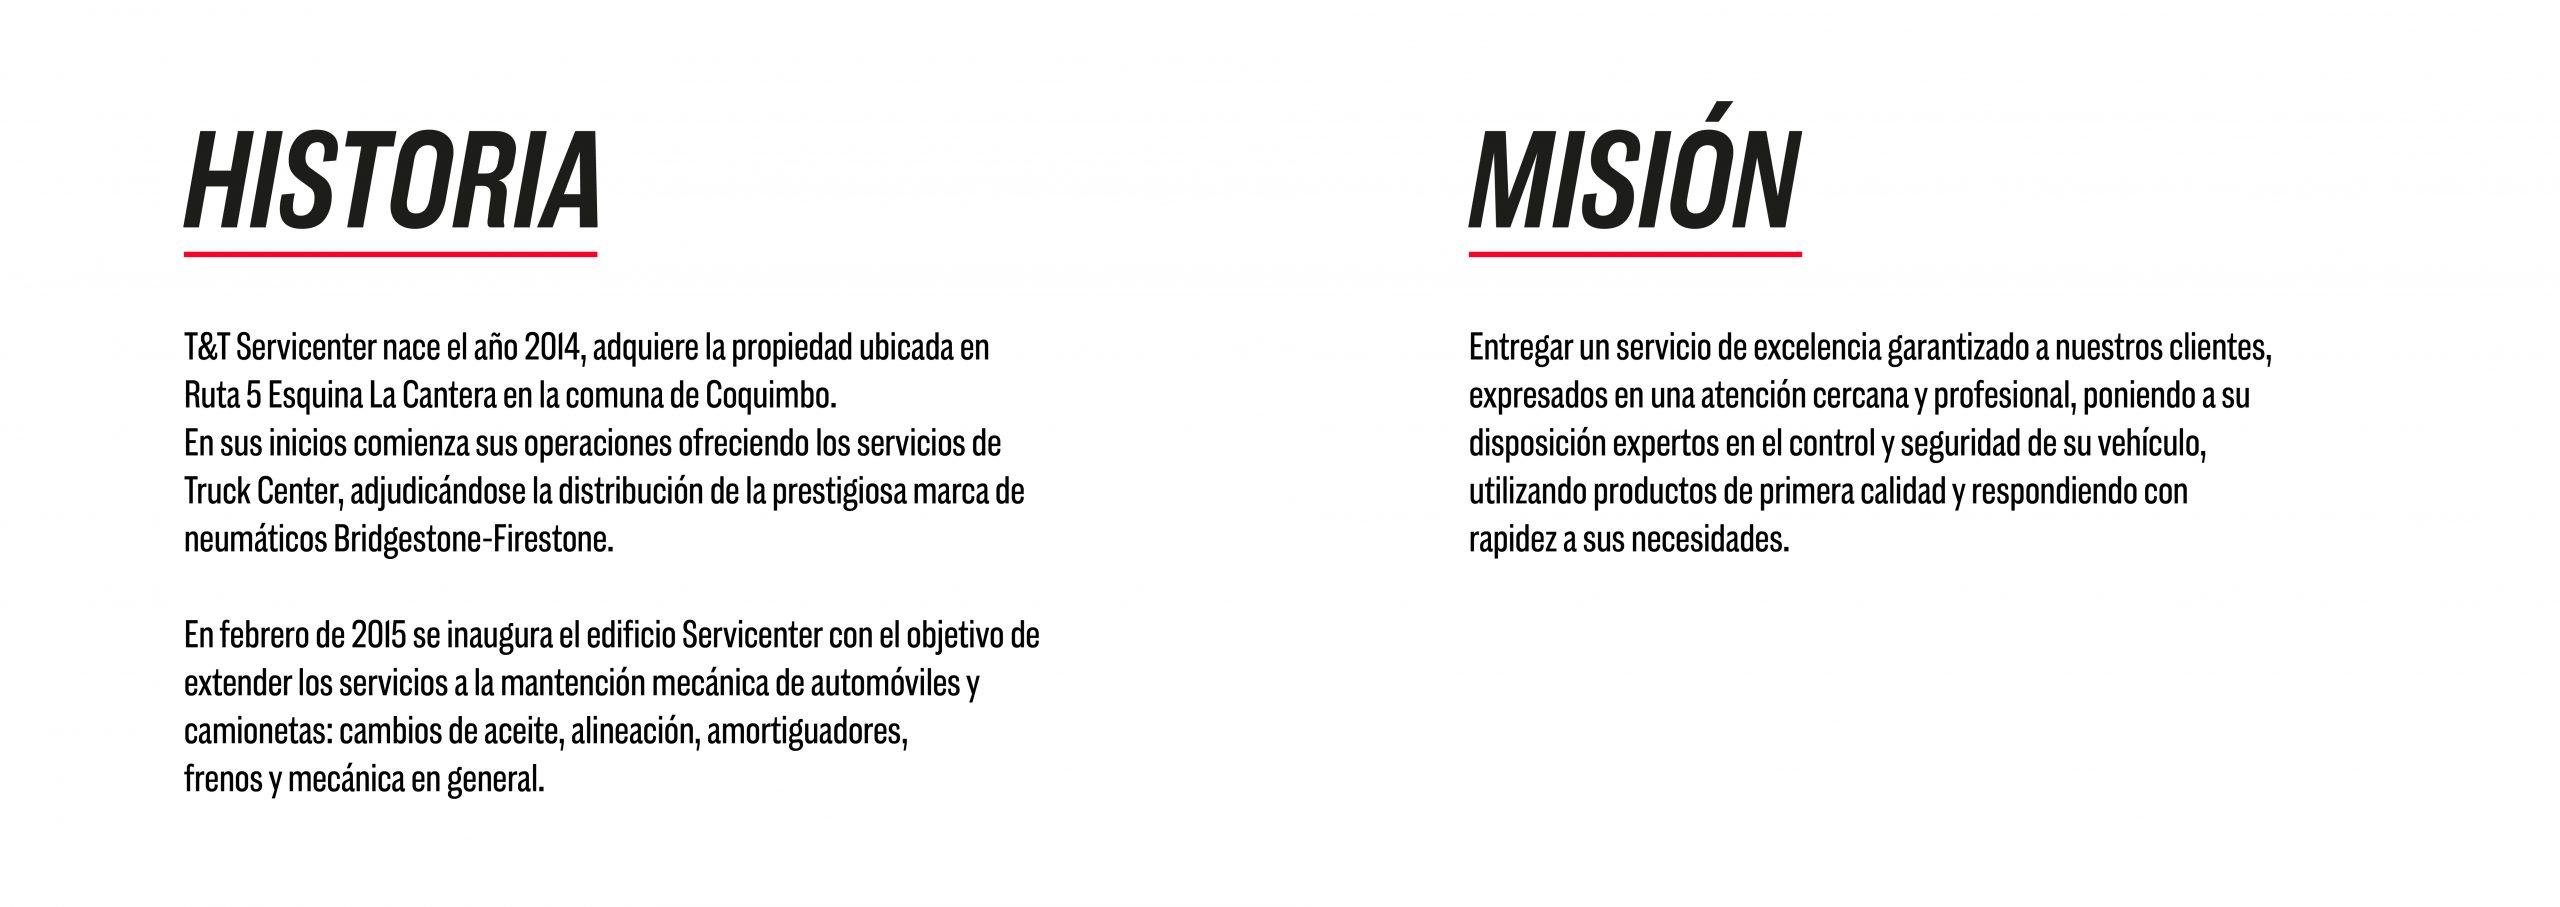 Historia y Misión